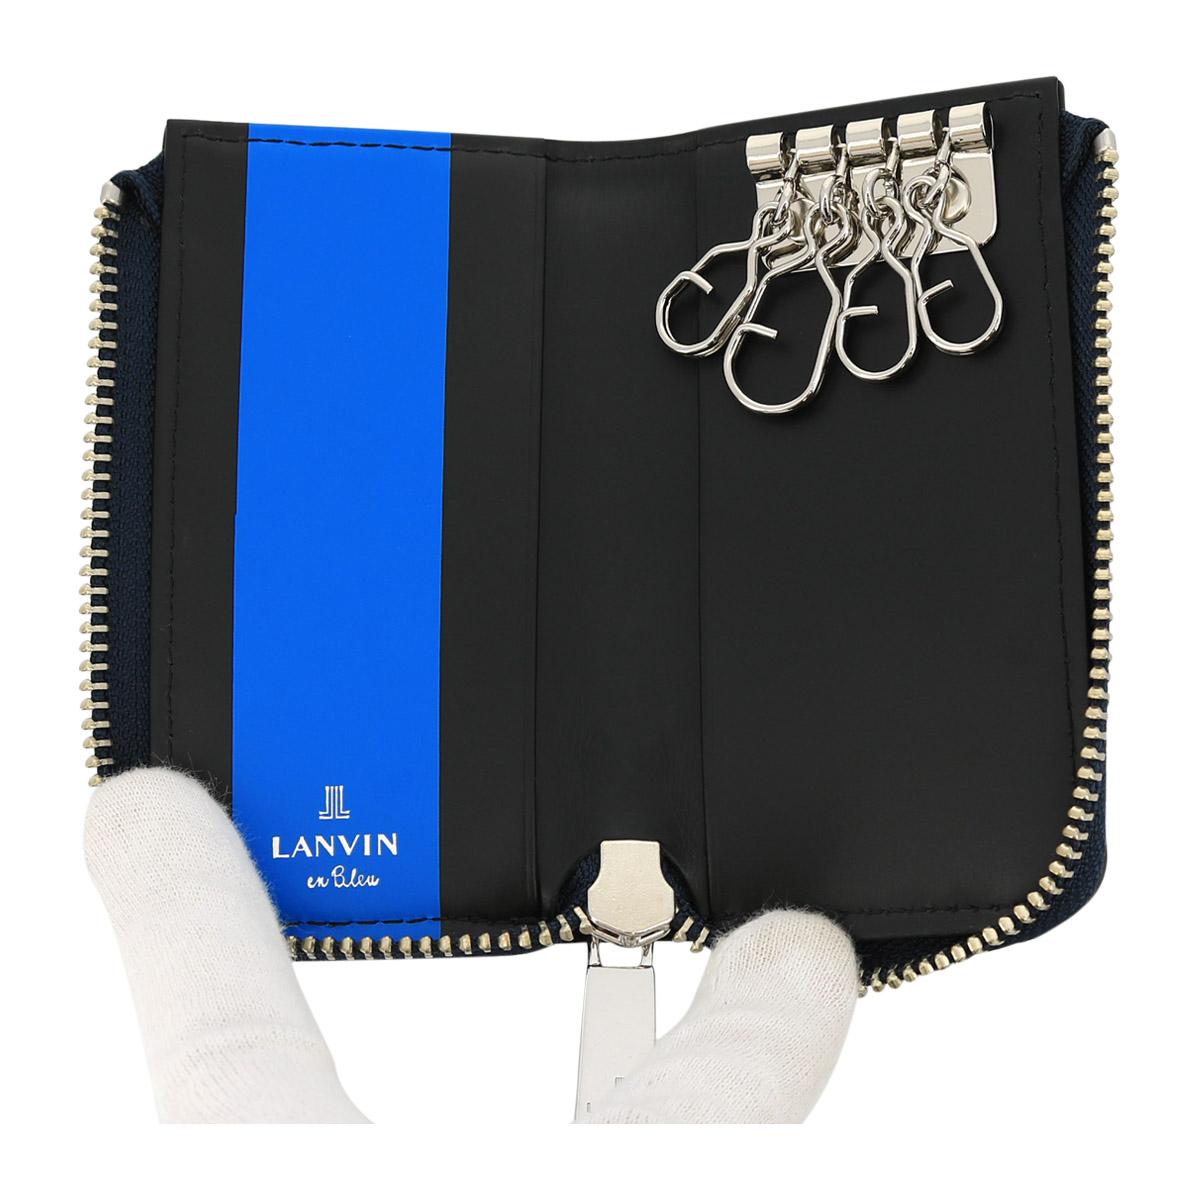 ランバンオンブルー キーケース ワグラム メンズ579602 LANVIN en Bleu | L字ファスナー ブランド専用BOX付き 本革 レザー|サックスバー